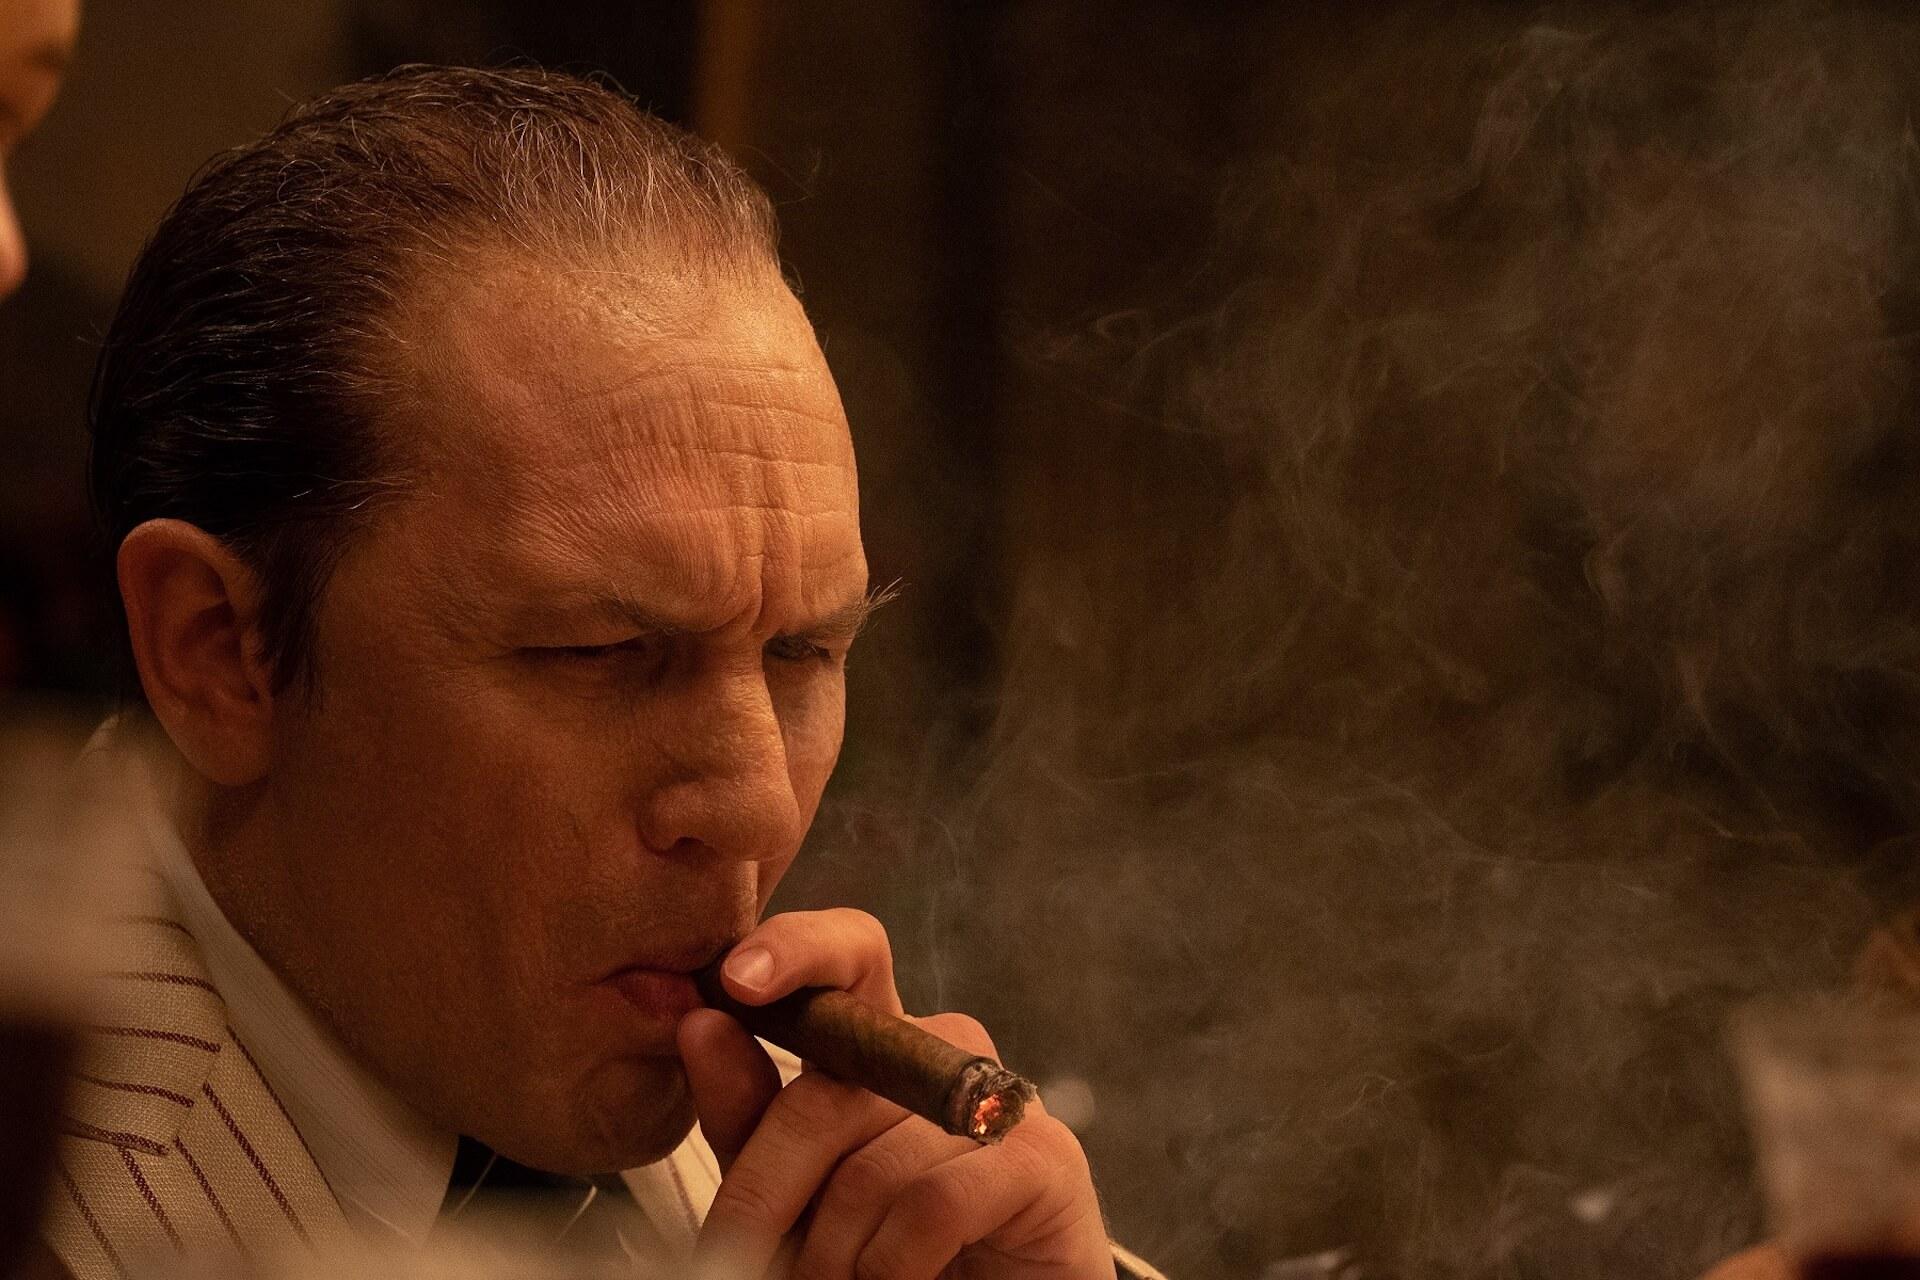 晩年のアル・カポネを演じるトム・ハーディの魅力に迫る!『カポネ』の新場面写真&特別エピソードが到着 film210125_capone_7